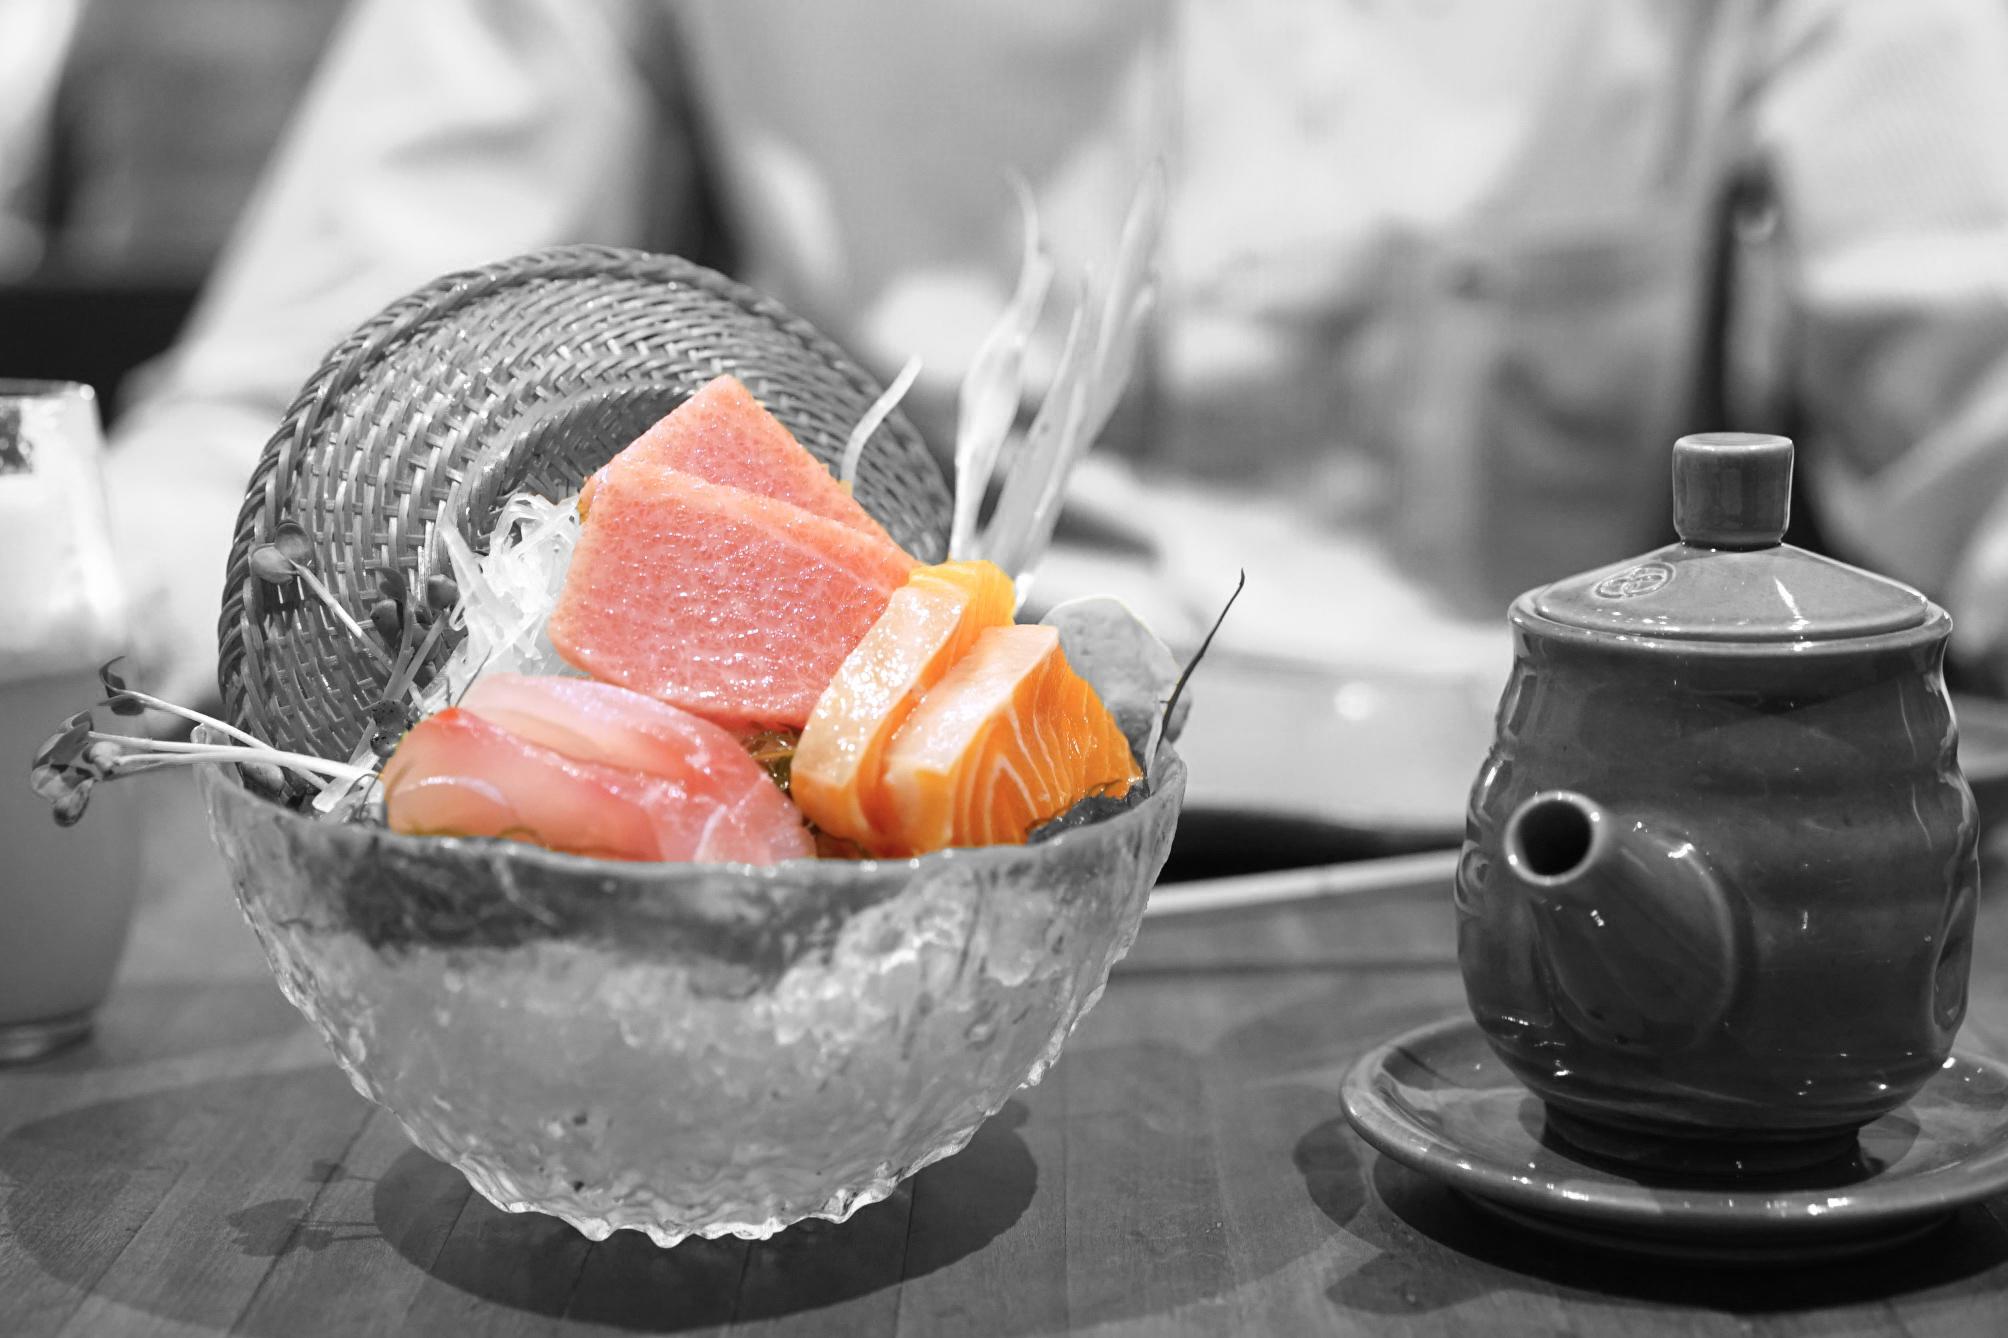 Nuestro primer plato presentó una variedad de sashimi, incluyendo toro, salmón y pescado de roca servidos con una raíz peruana llamada maca.